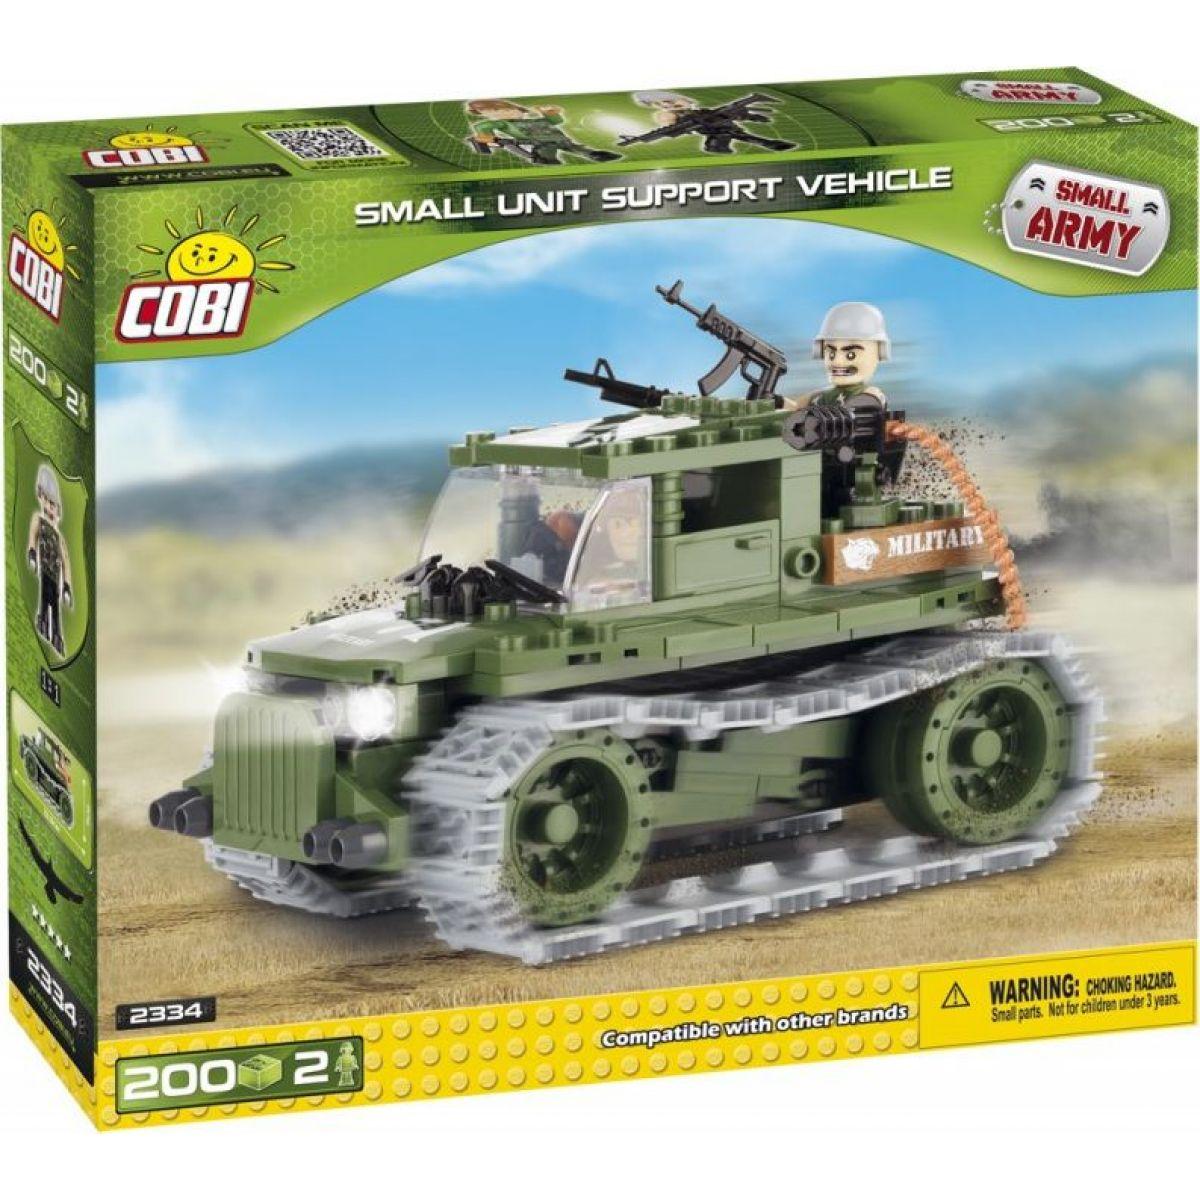 Cobi Malá armáda 2334 Pomocné vozidlo pěchoty